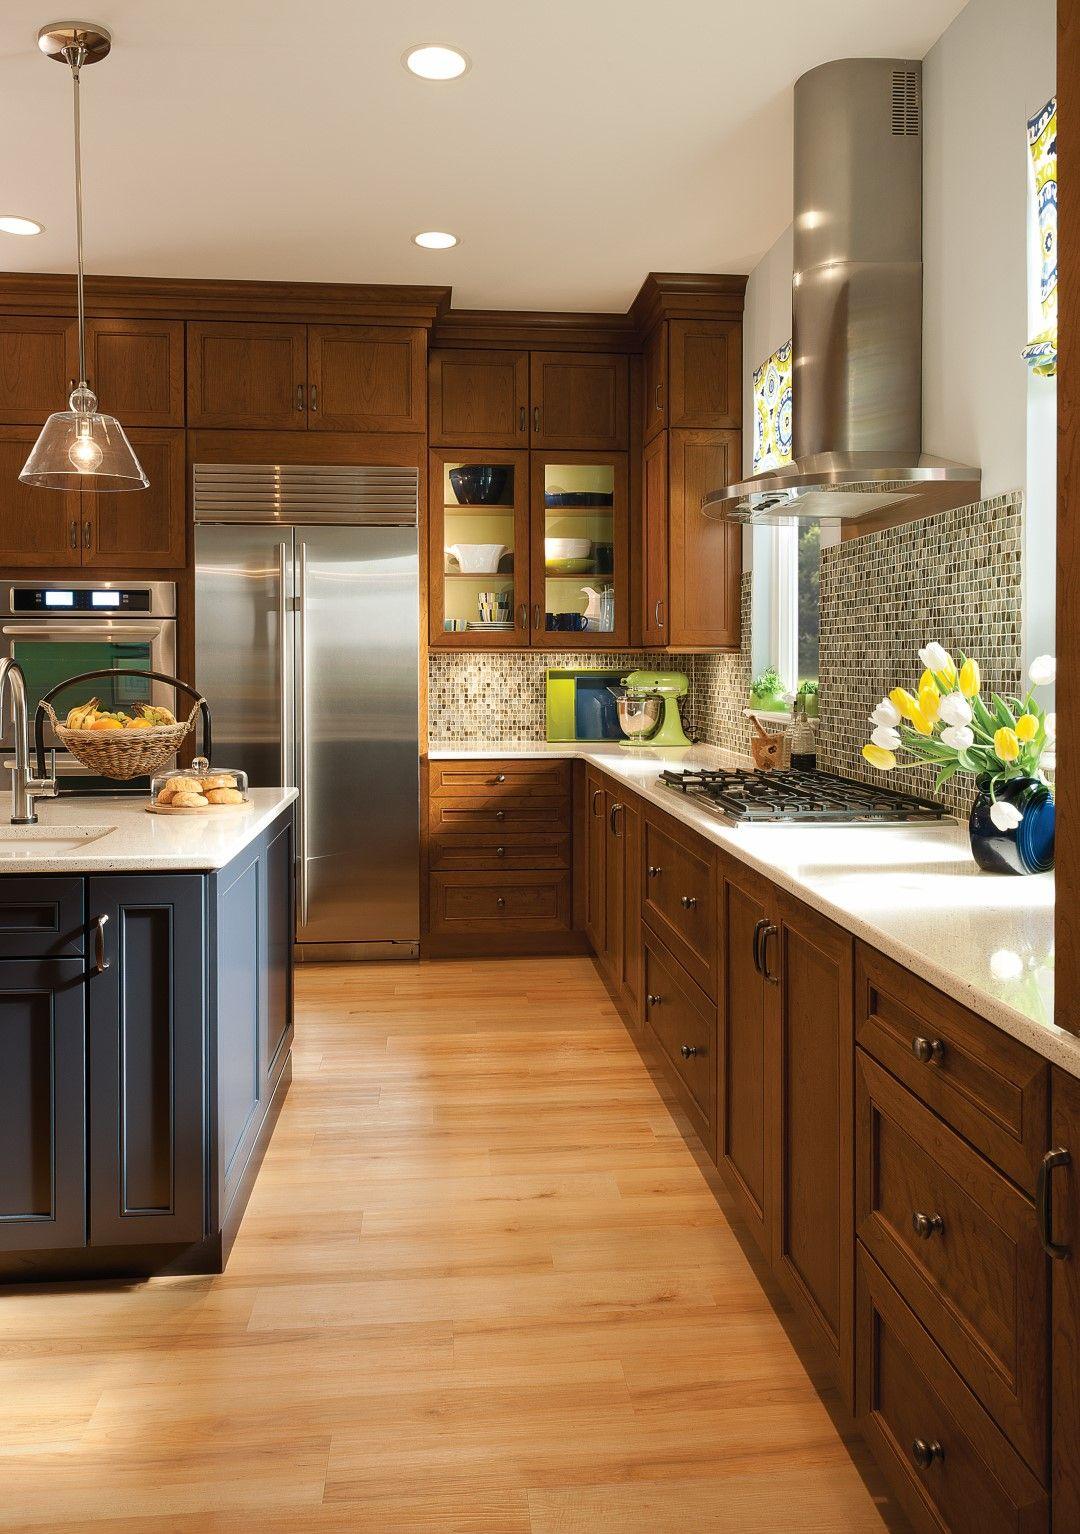 Action Cabinets Diseno Muebles De Cocina Decoracion De Cocina Cocina De Ensueno